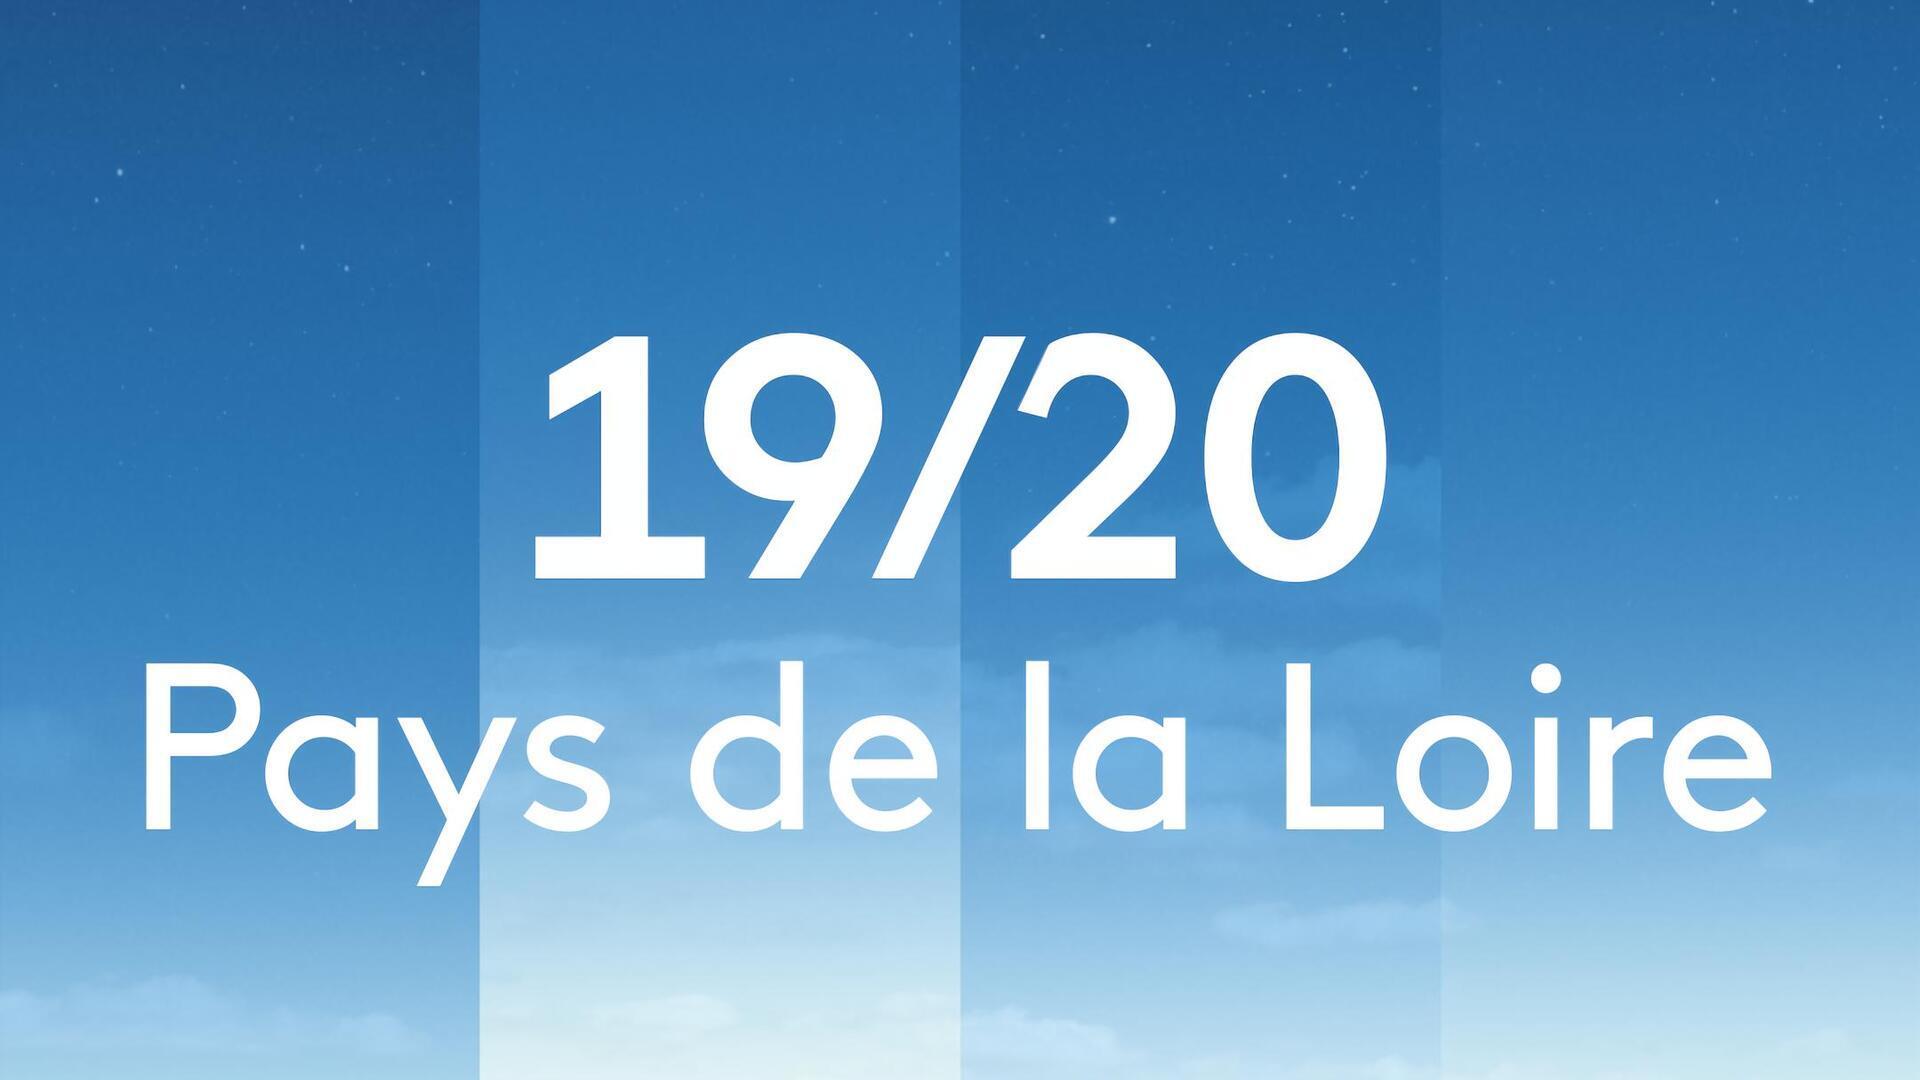 19/20 Pays de la Loire